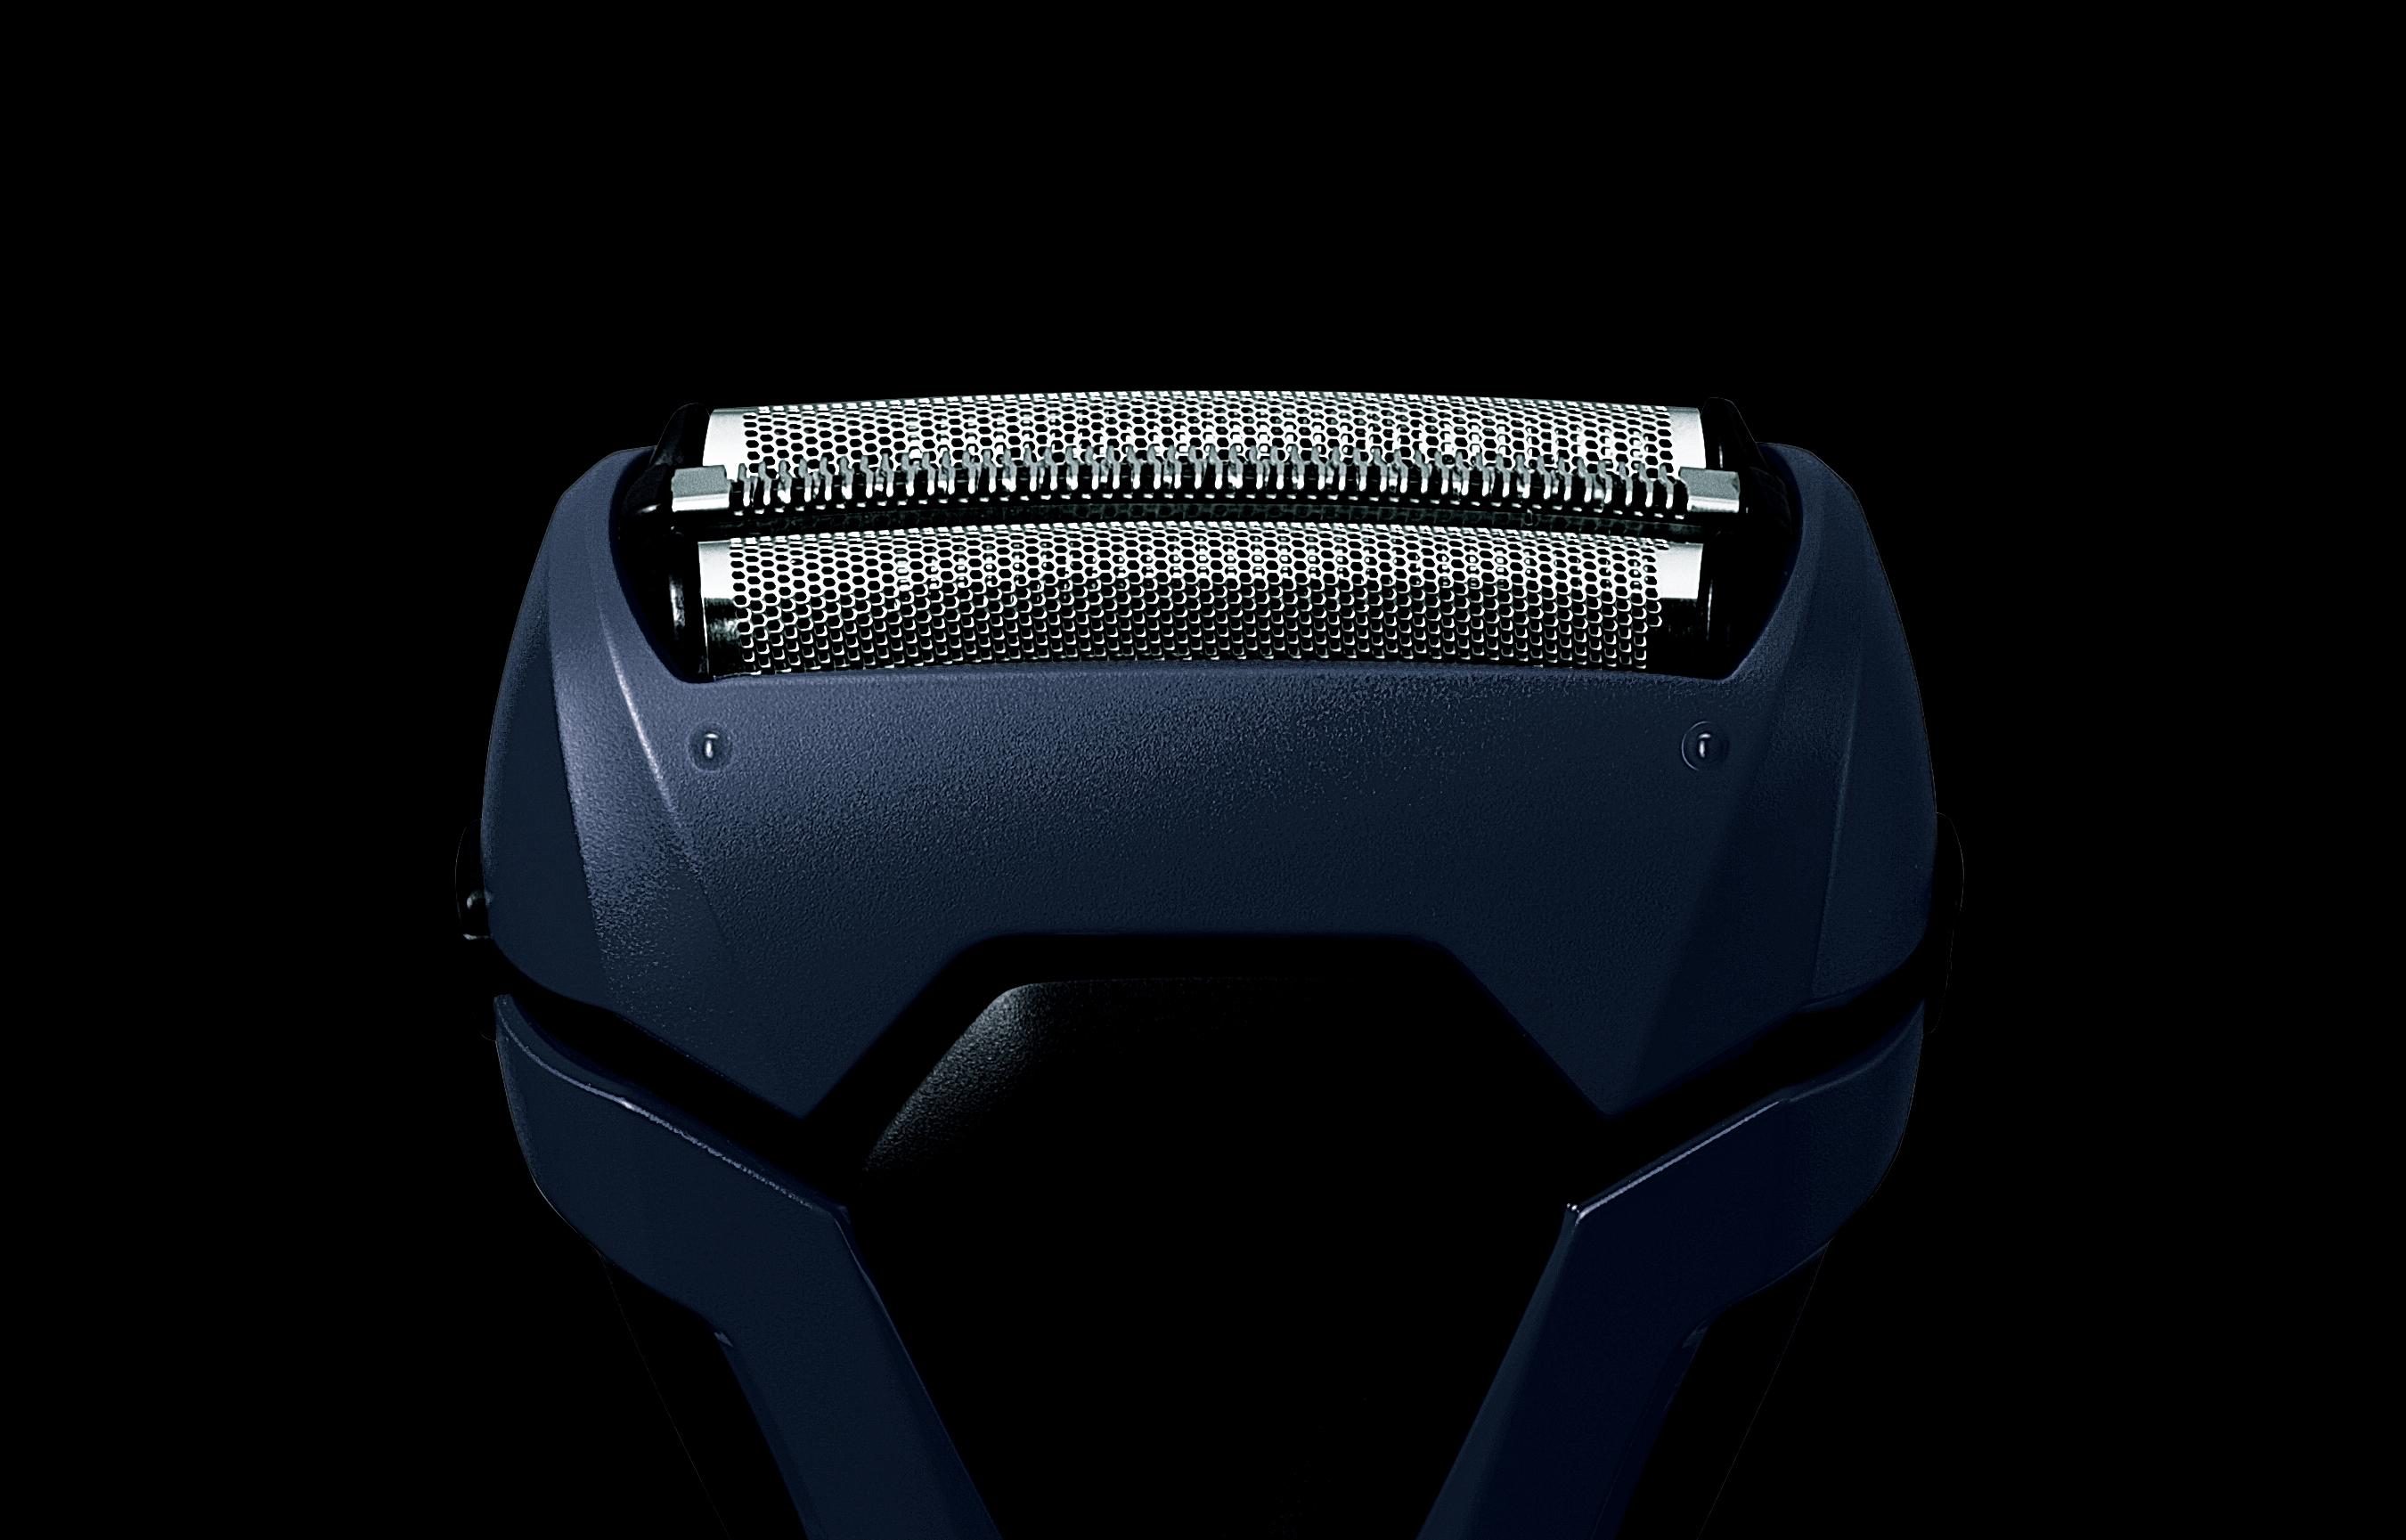 【パナソニック】メンズシェーバー(3枚刃) 幅65×奥行44×高さ160mm(キャップを除く) 青